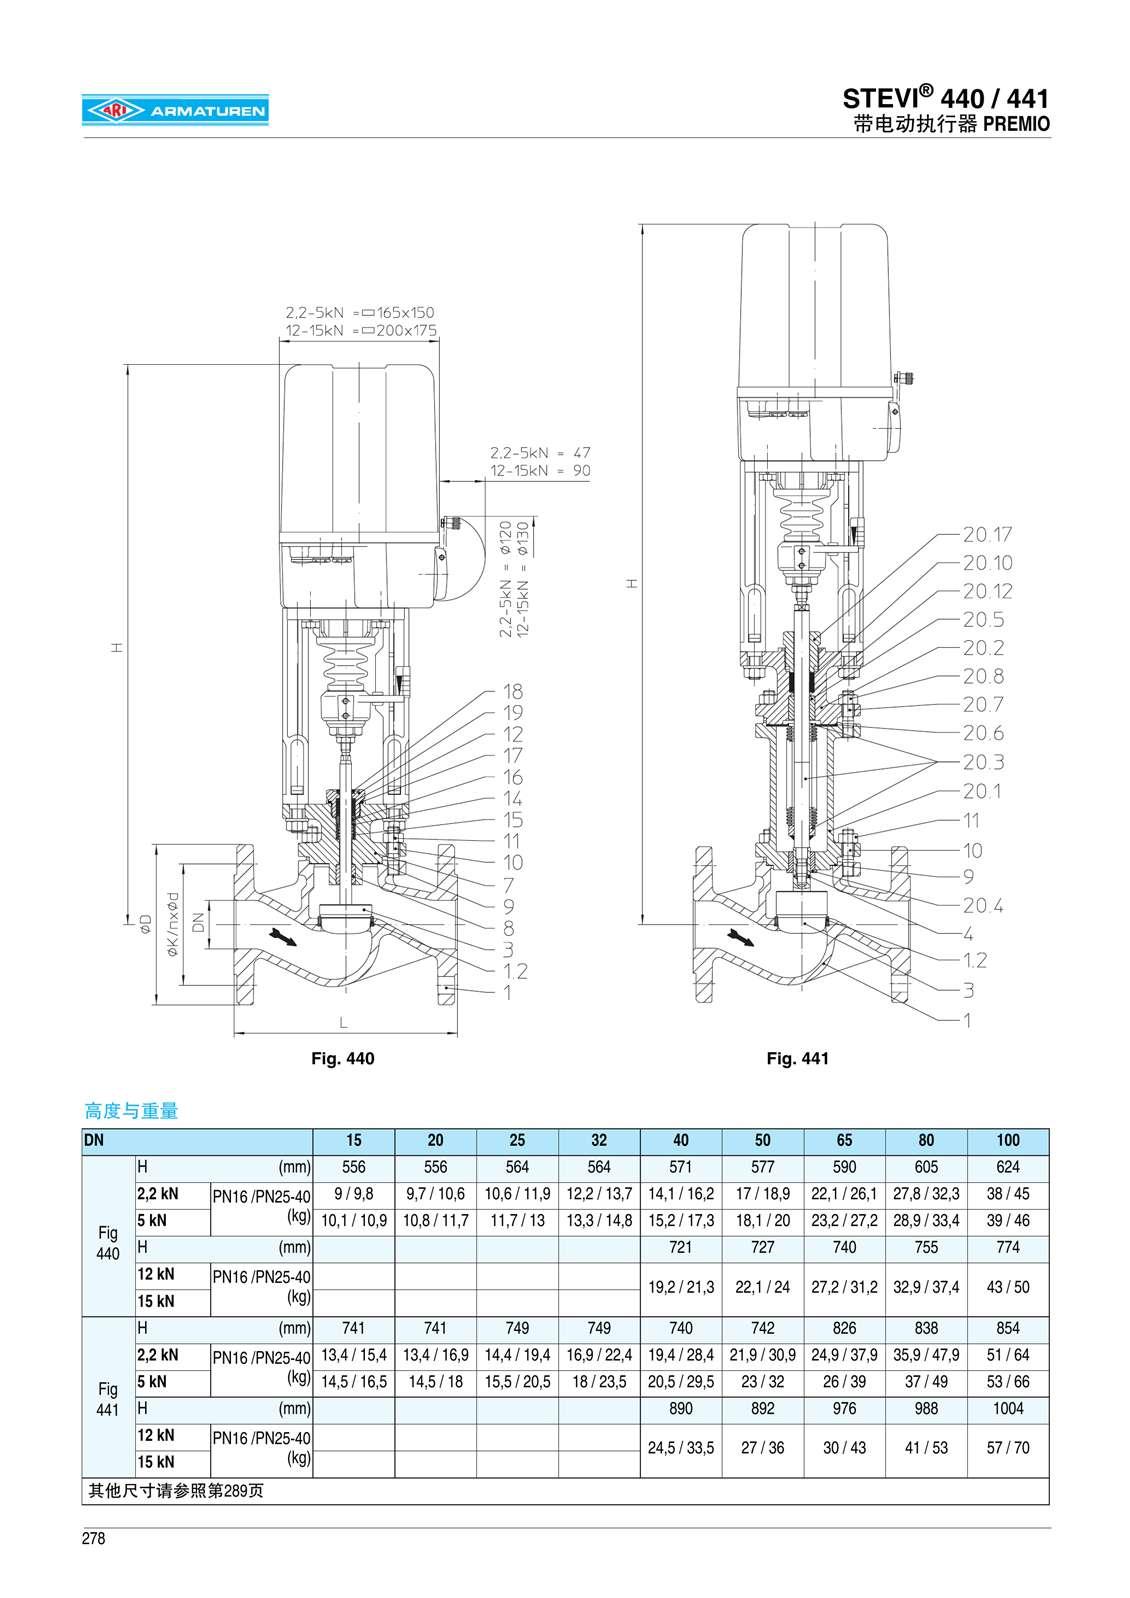 直通型调节阀 STEVI 2